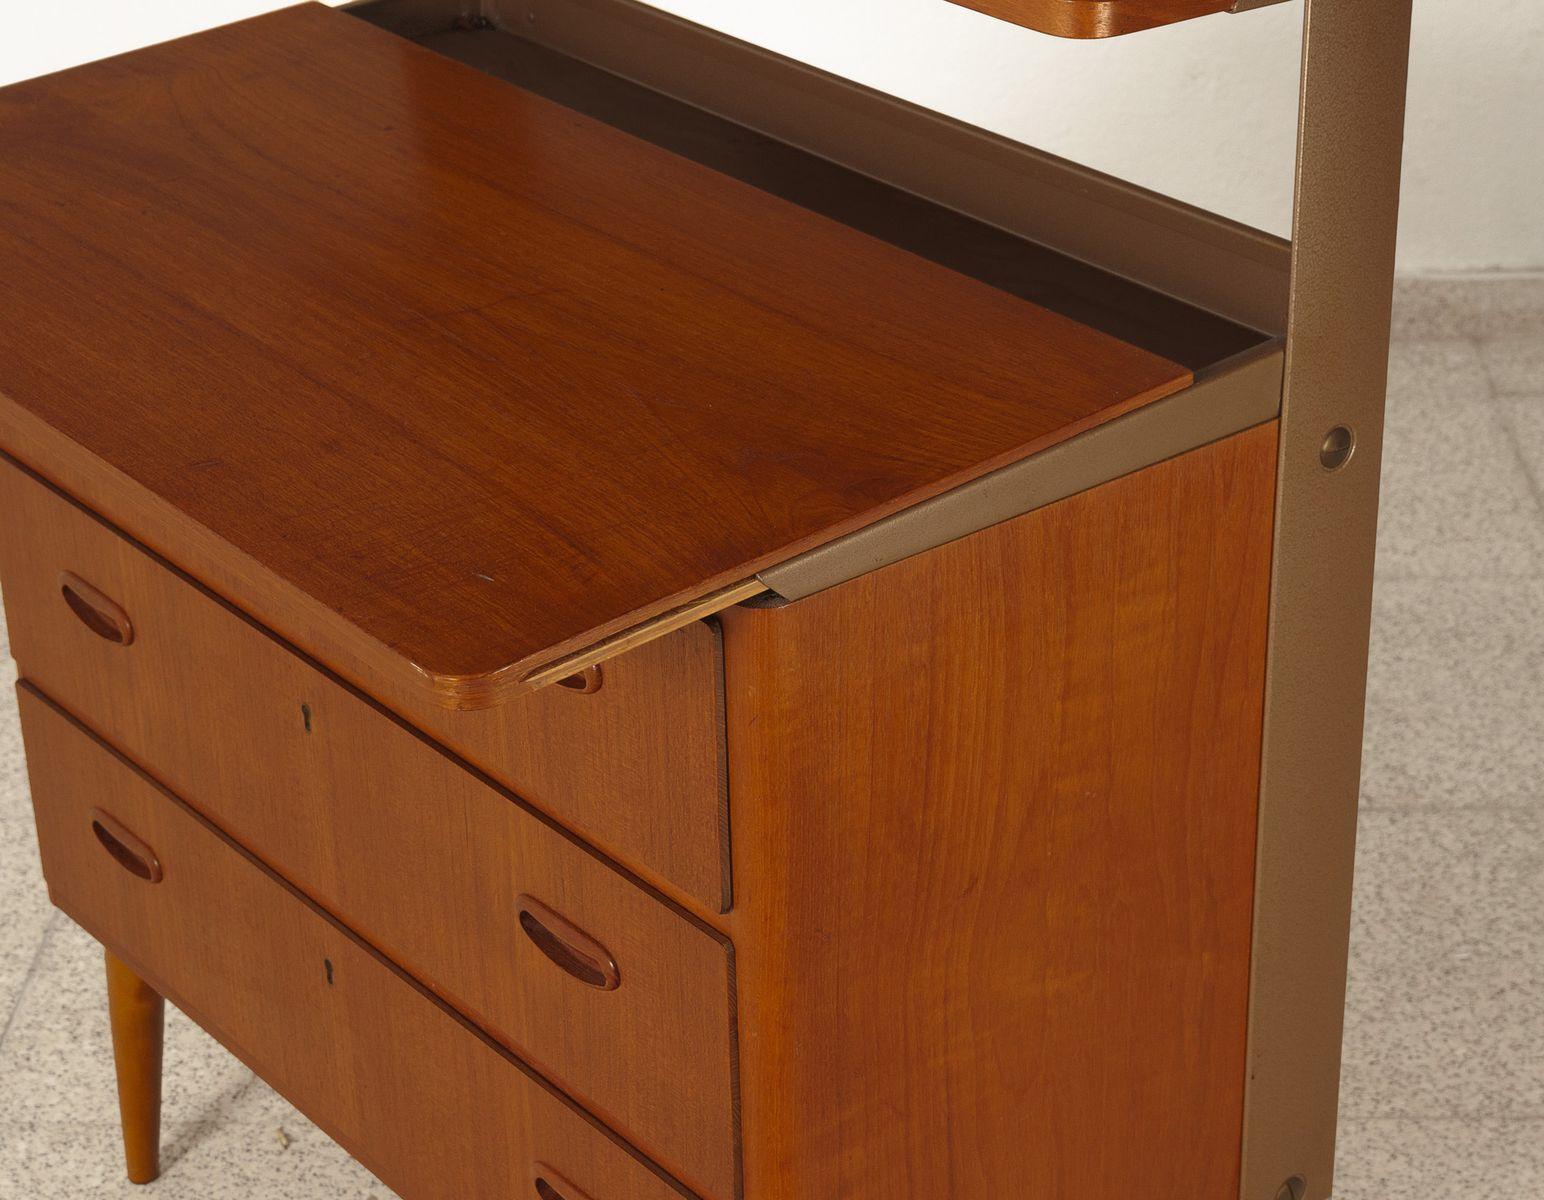 ausziehbare schwedische kommode aus teak metall 1950er bei pamono kaufen. Black Bedroom Furniture Sets. Home Design Ideas